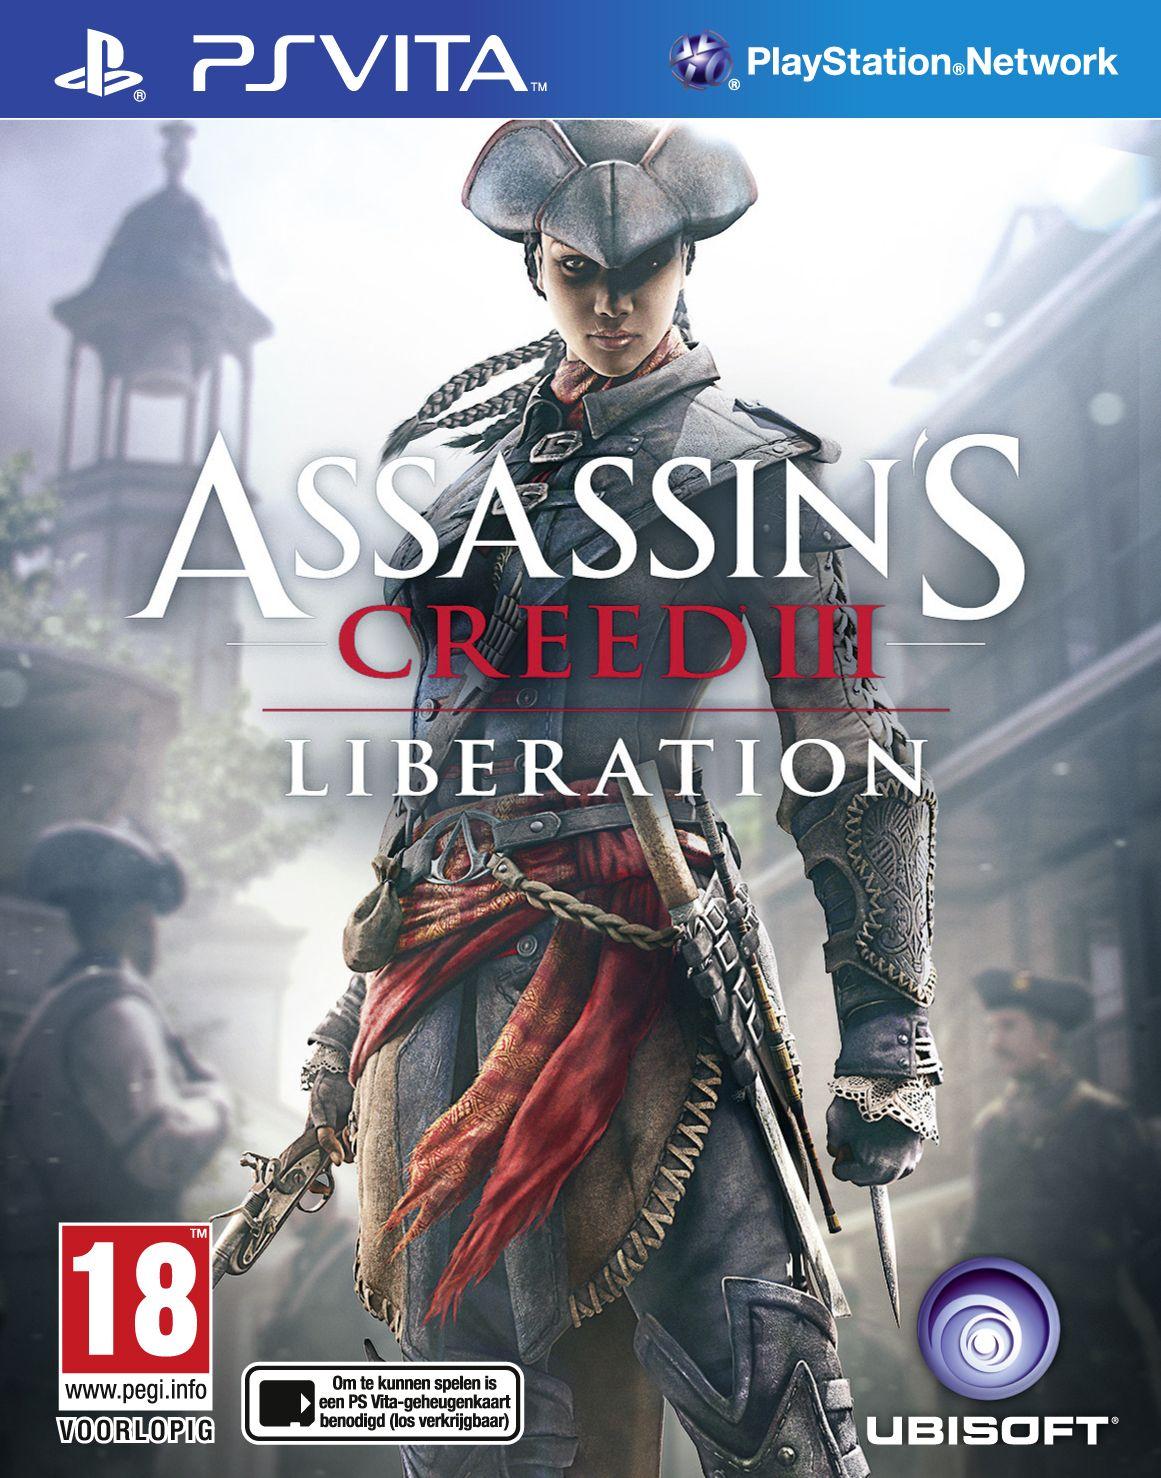 Acl Vita Assassins Creed Spel Geheugenkaart